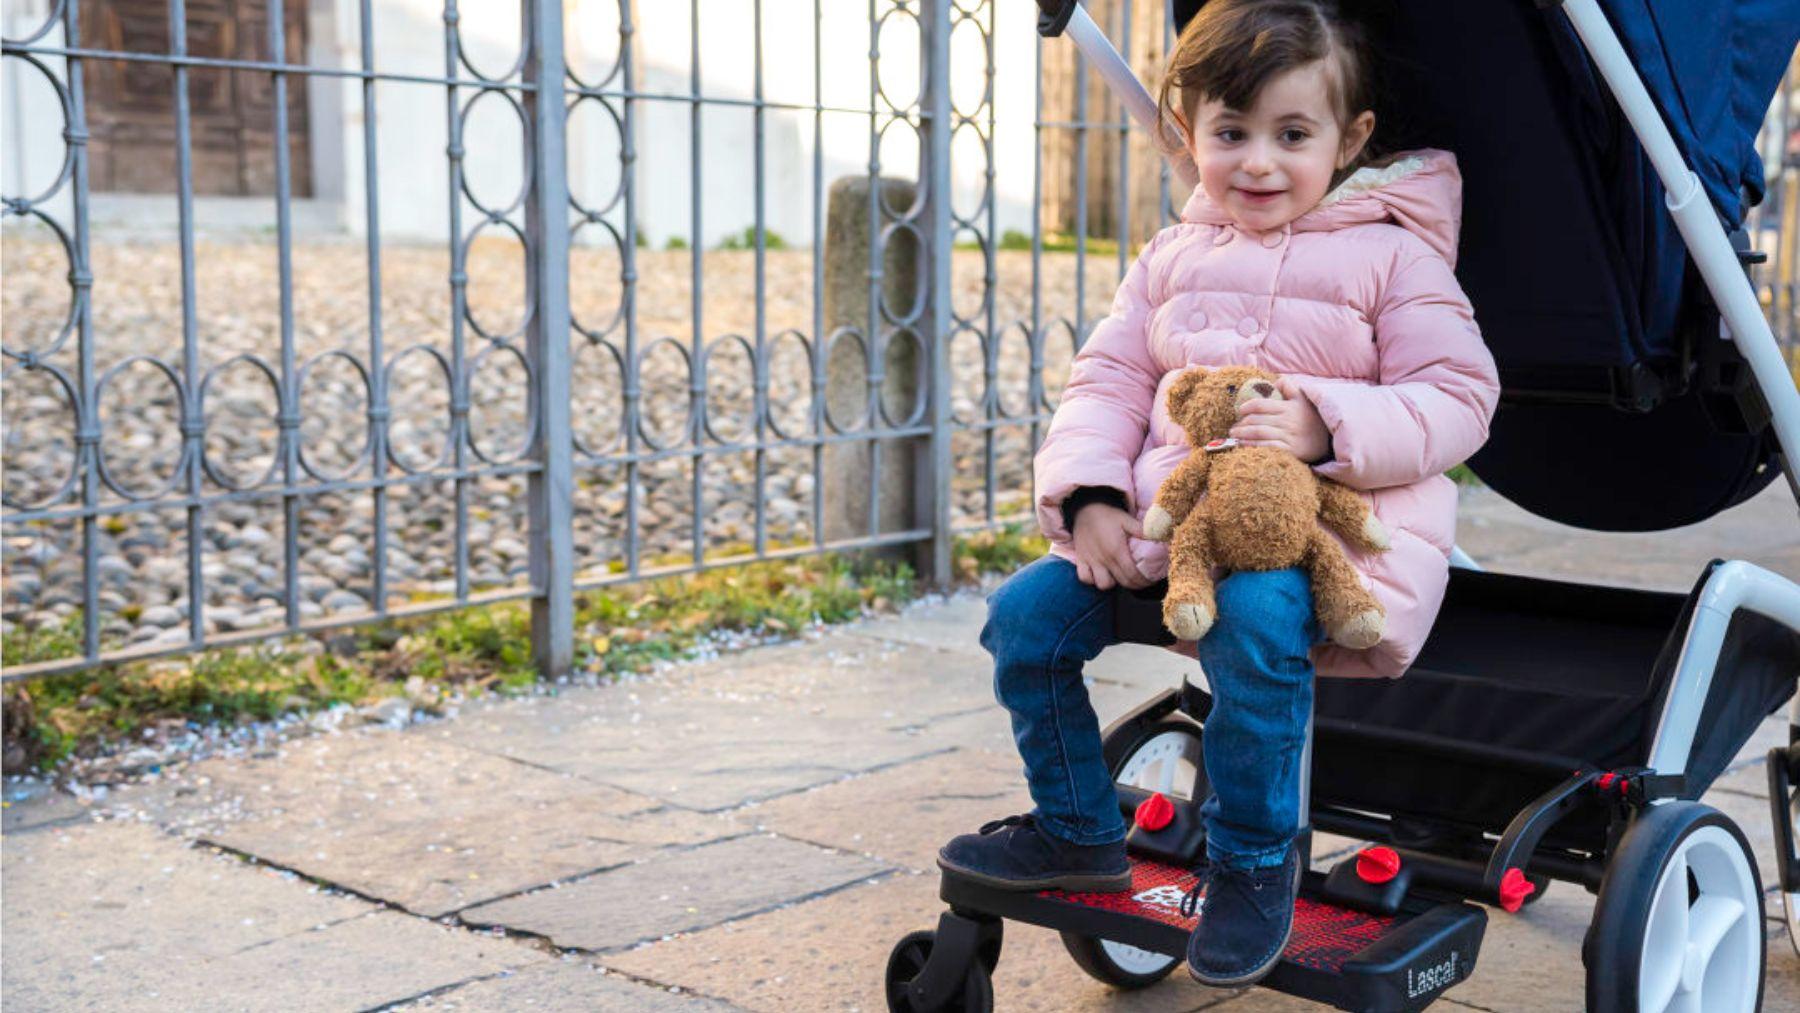 Descubre qué es el patinete para el carrito del bebé y qué modelos son los mejores